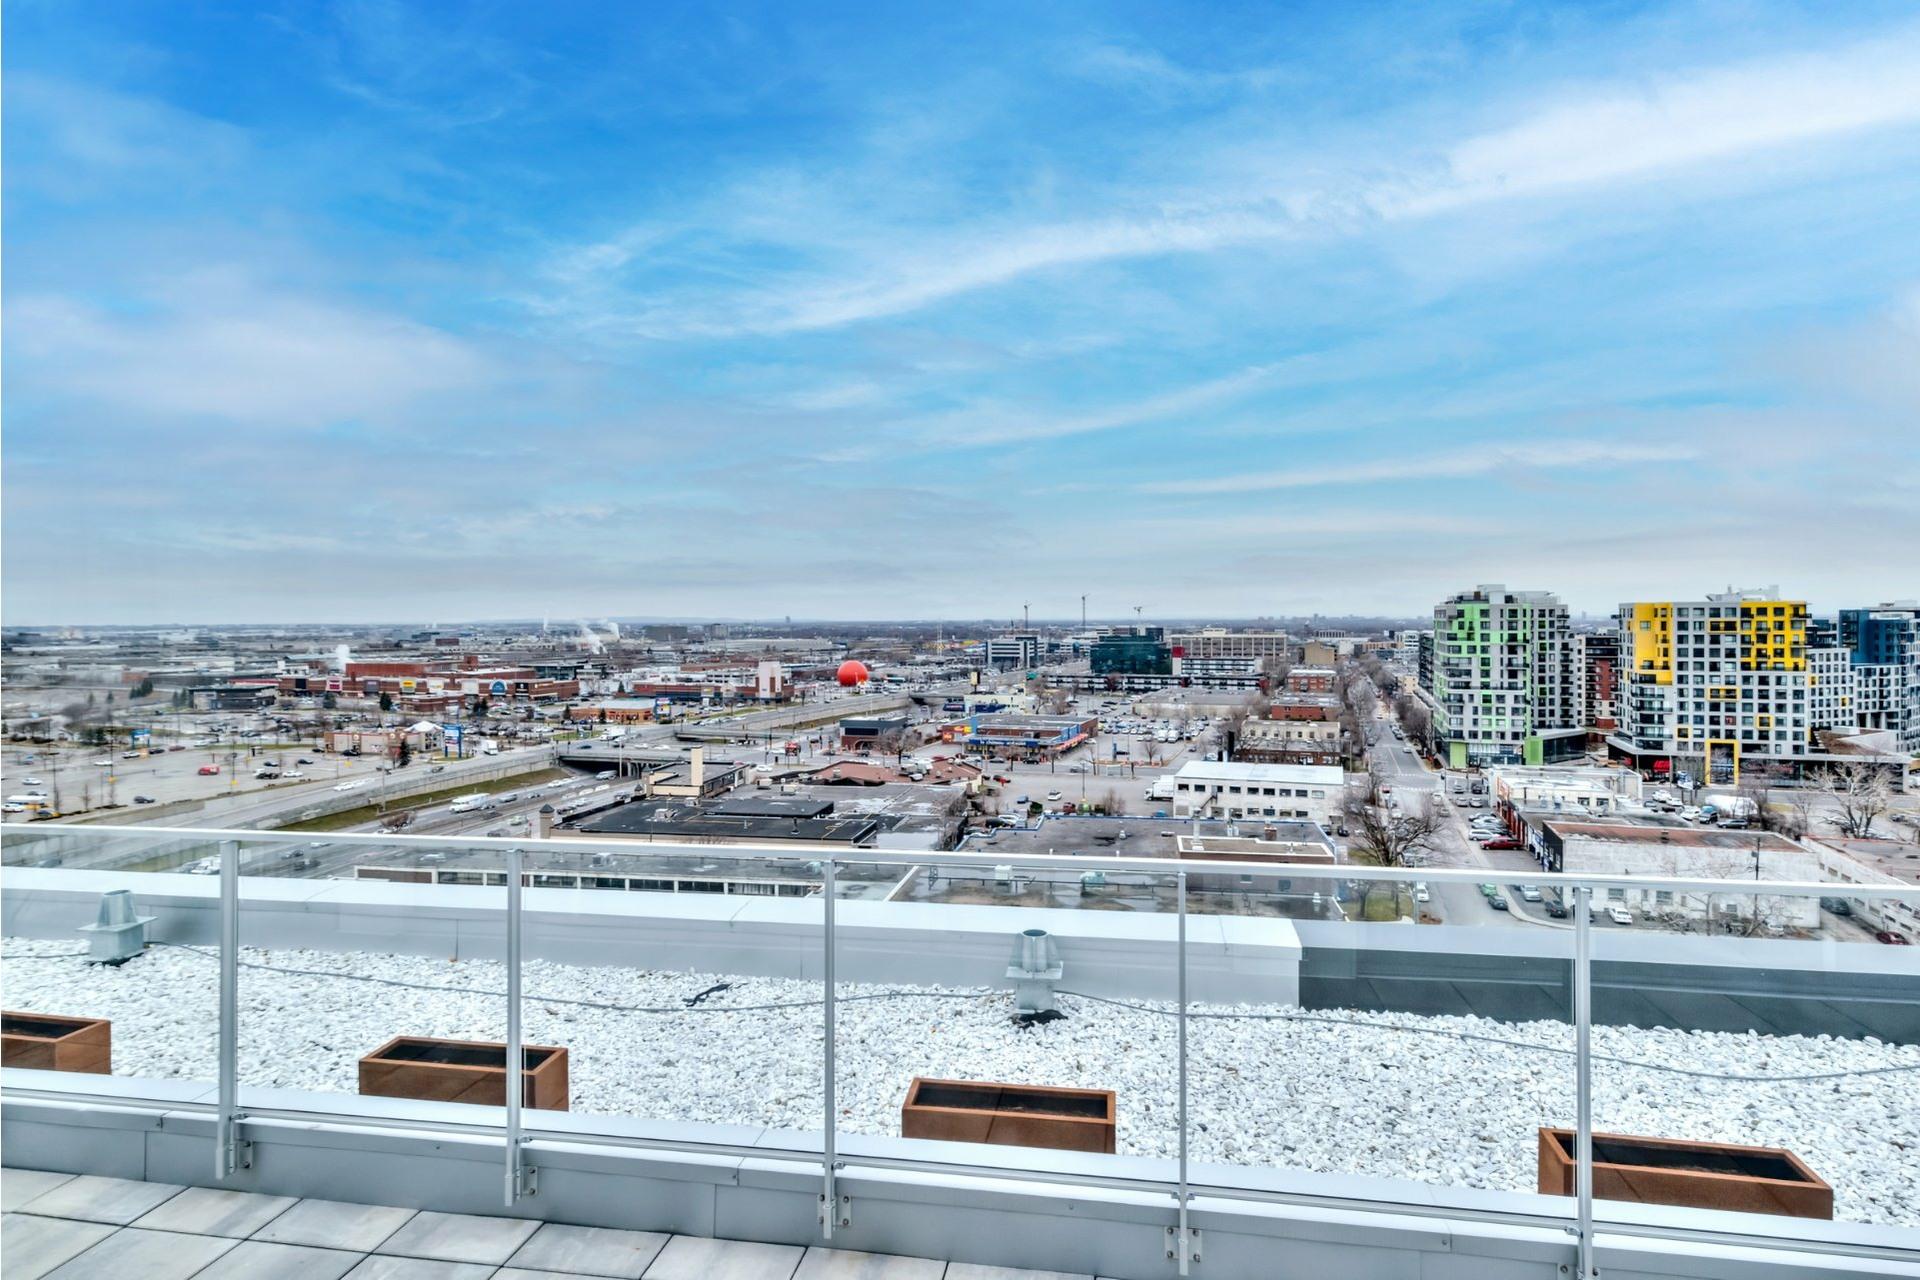 image 24 - Apartment For sale Côte-des-Neiges/Notre-Dame-de-Grâce Montréal  - 4 rooms